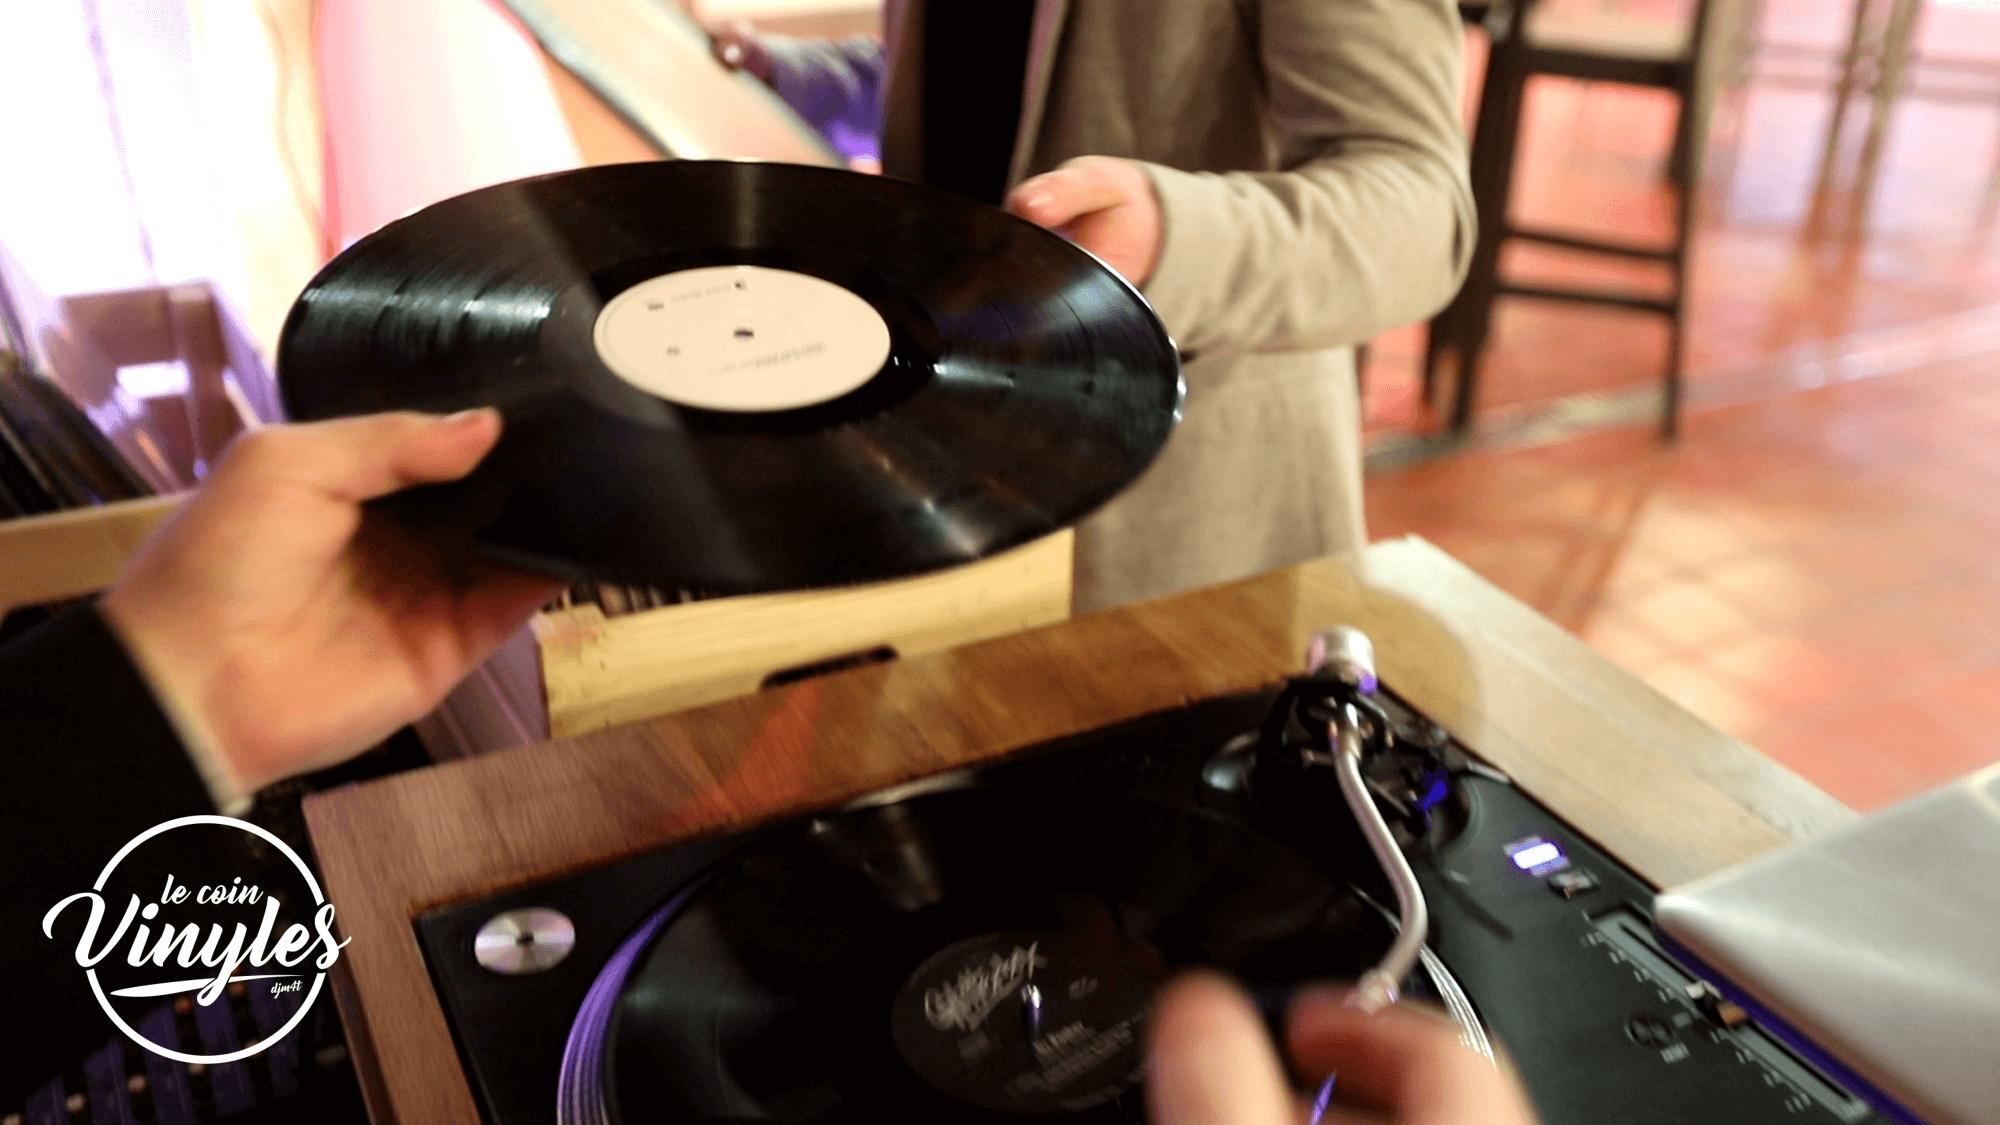 bar-a-vinyles-vinyl